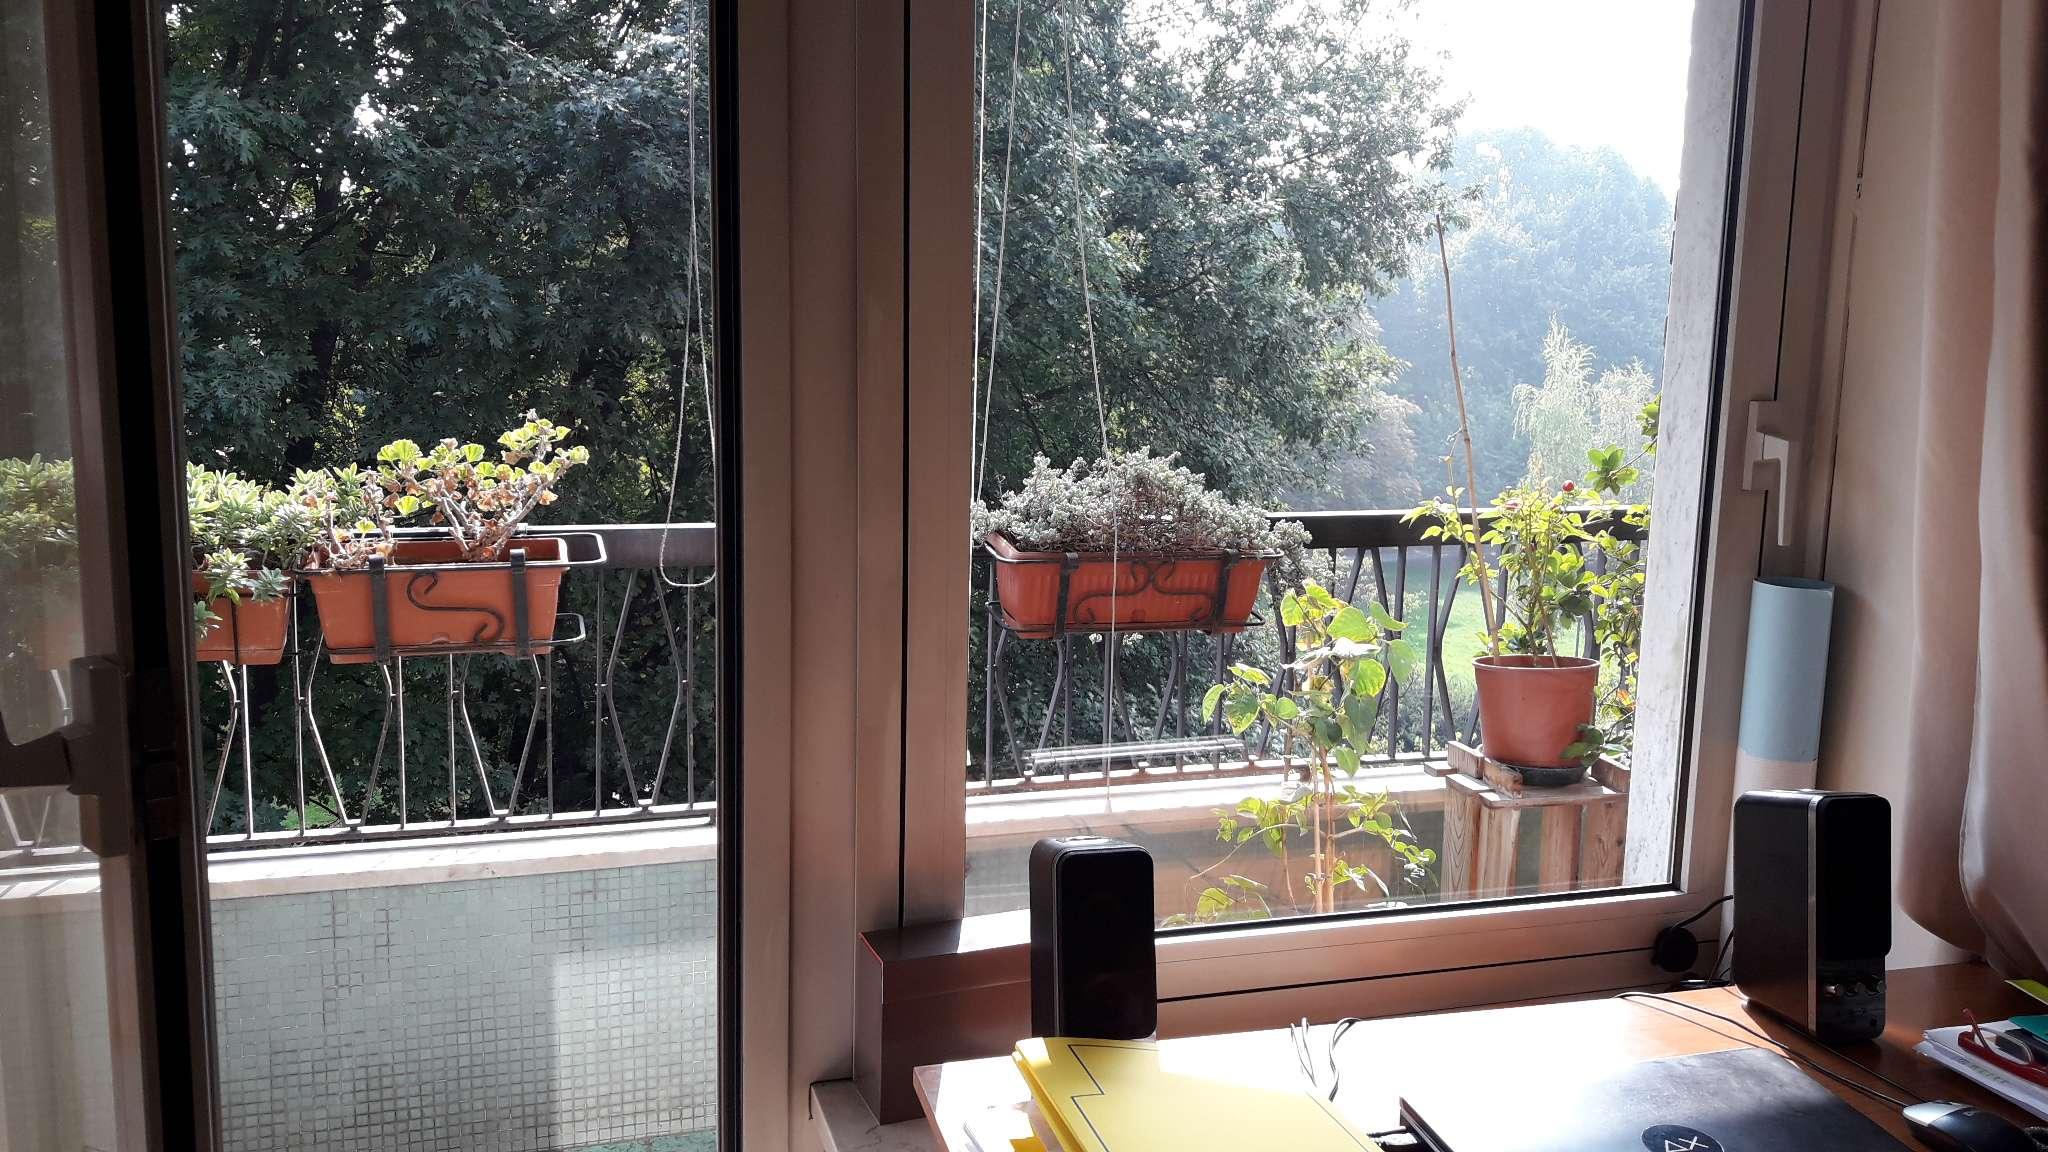 Appartamento in vendita a Milano, 5 locali, zona Zona: 15 . Fiera, Firenze, Sempione, Pagano, Amendola, Paolo Sarpi, Arena, prezzo € 1.200.000 | Cambio Casa.it